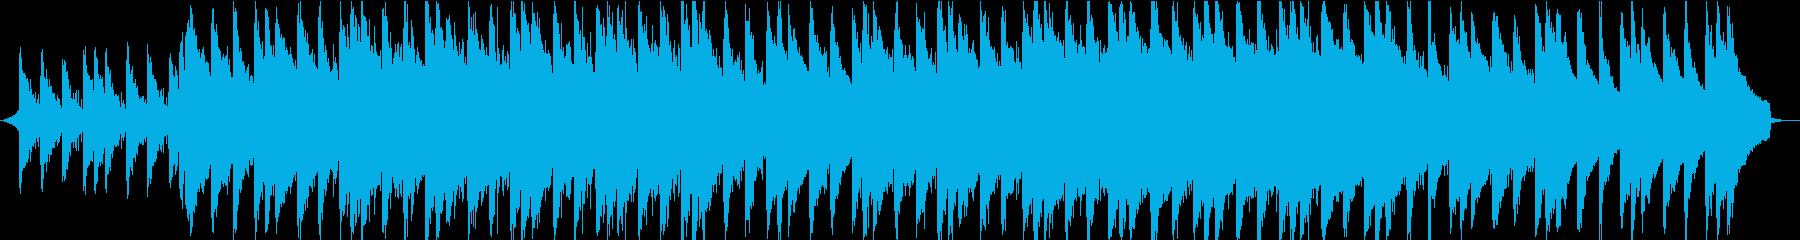 オシャレ・エモーショナルな映像用音楽②の再生済みの波形